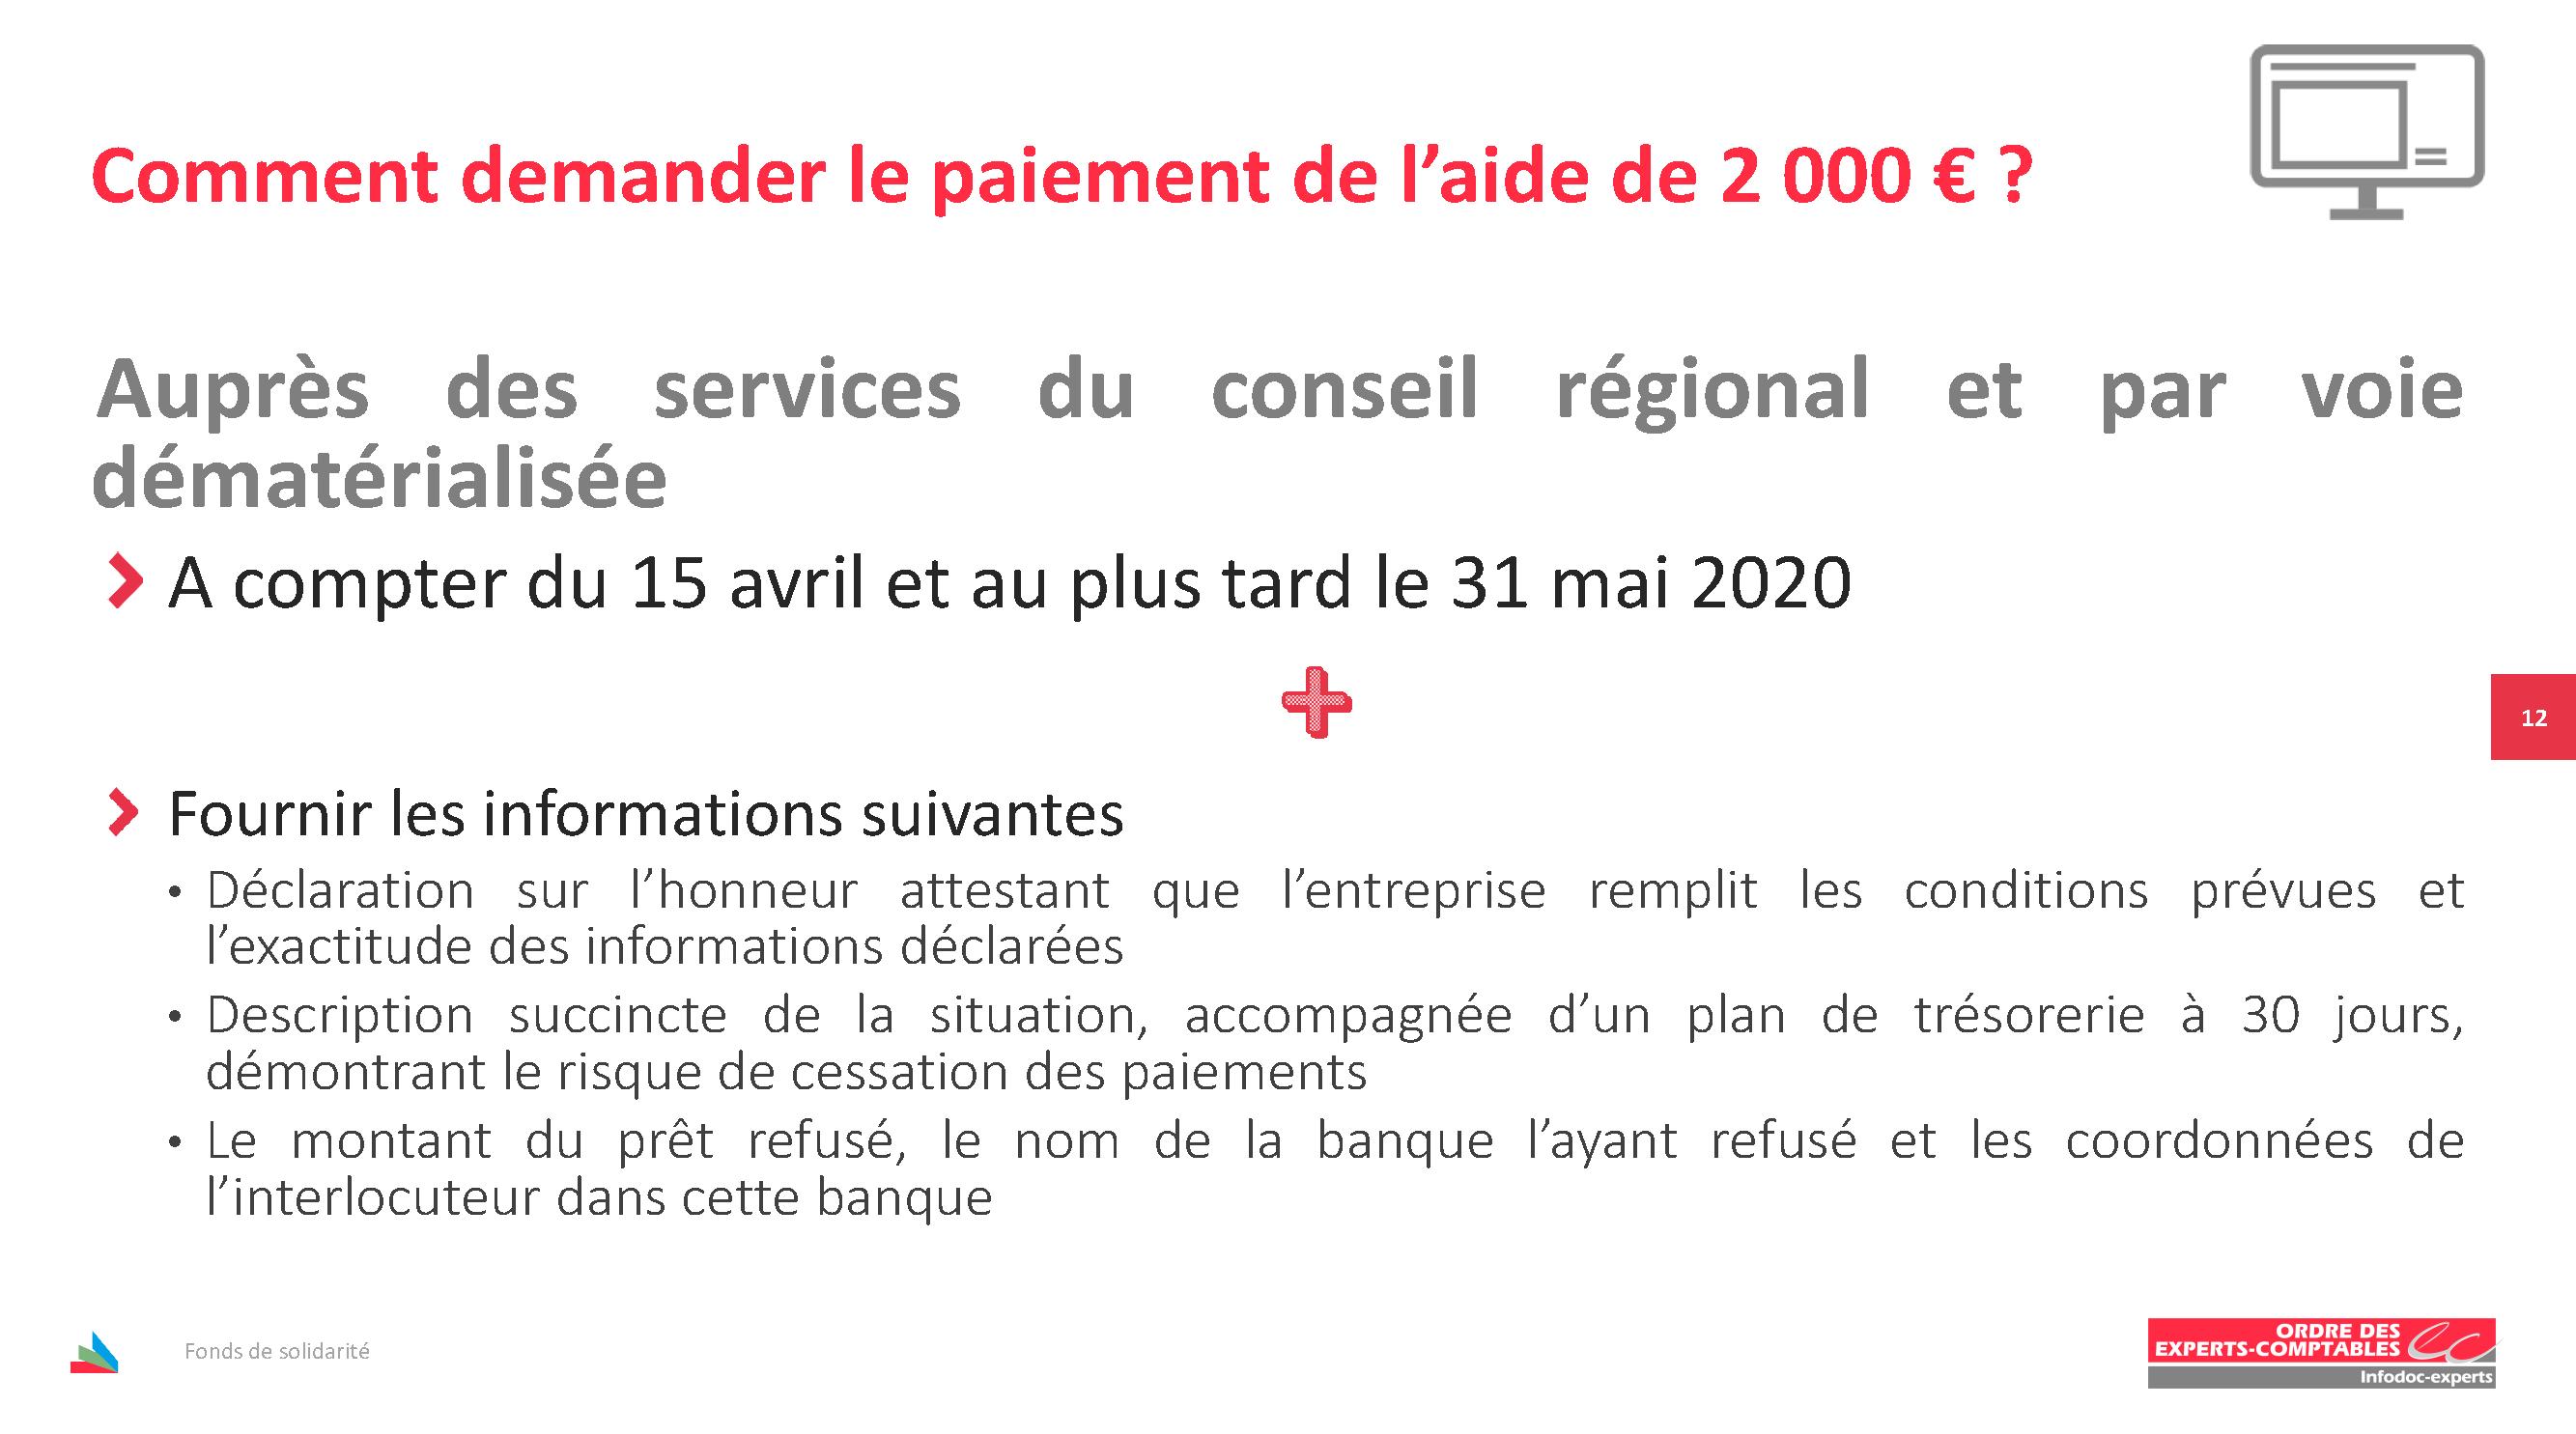 Fonds solidarité_diapo seul_31032020_Page_12